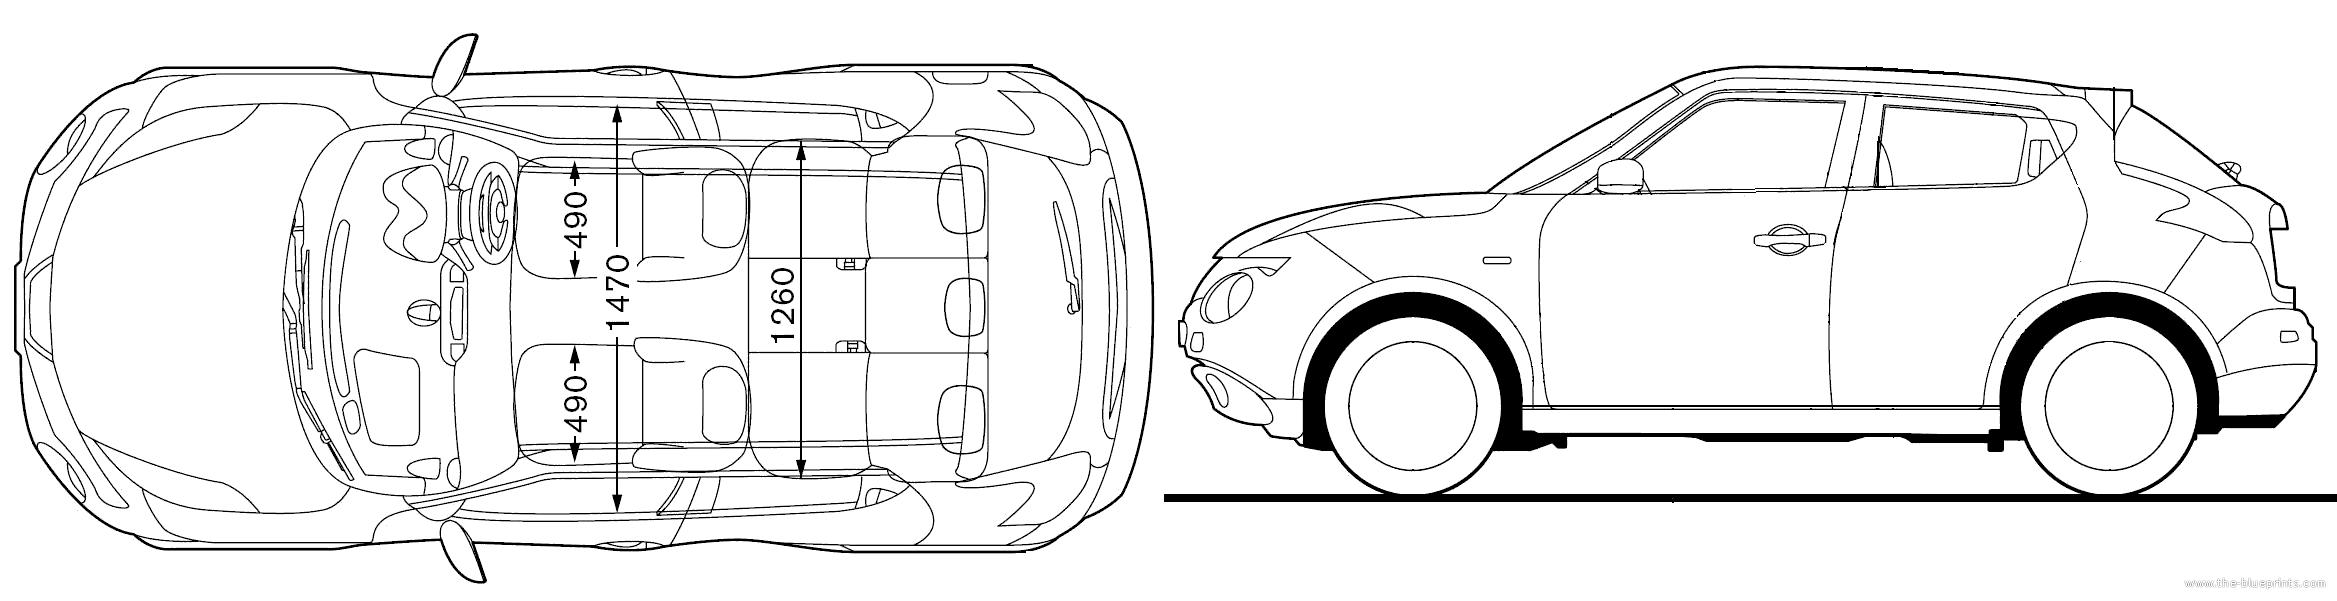 blueprints cars nissan nissan juke 2010. Black Bedroom Furniture Sets. Home Design Ideas